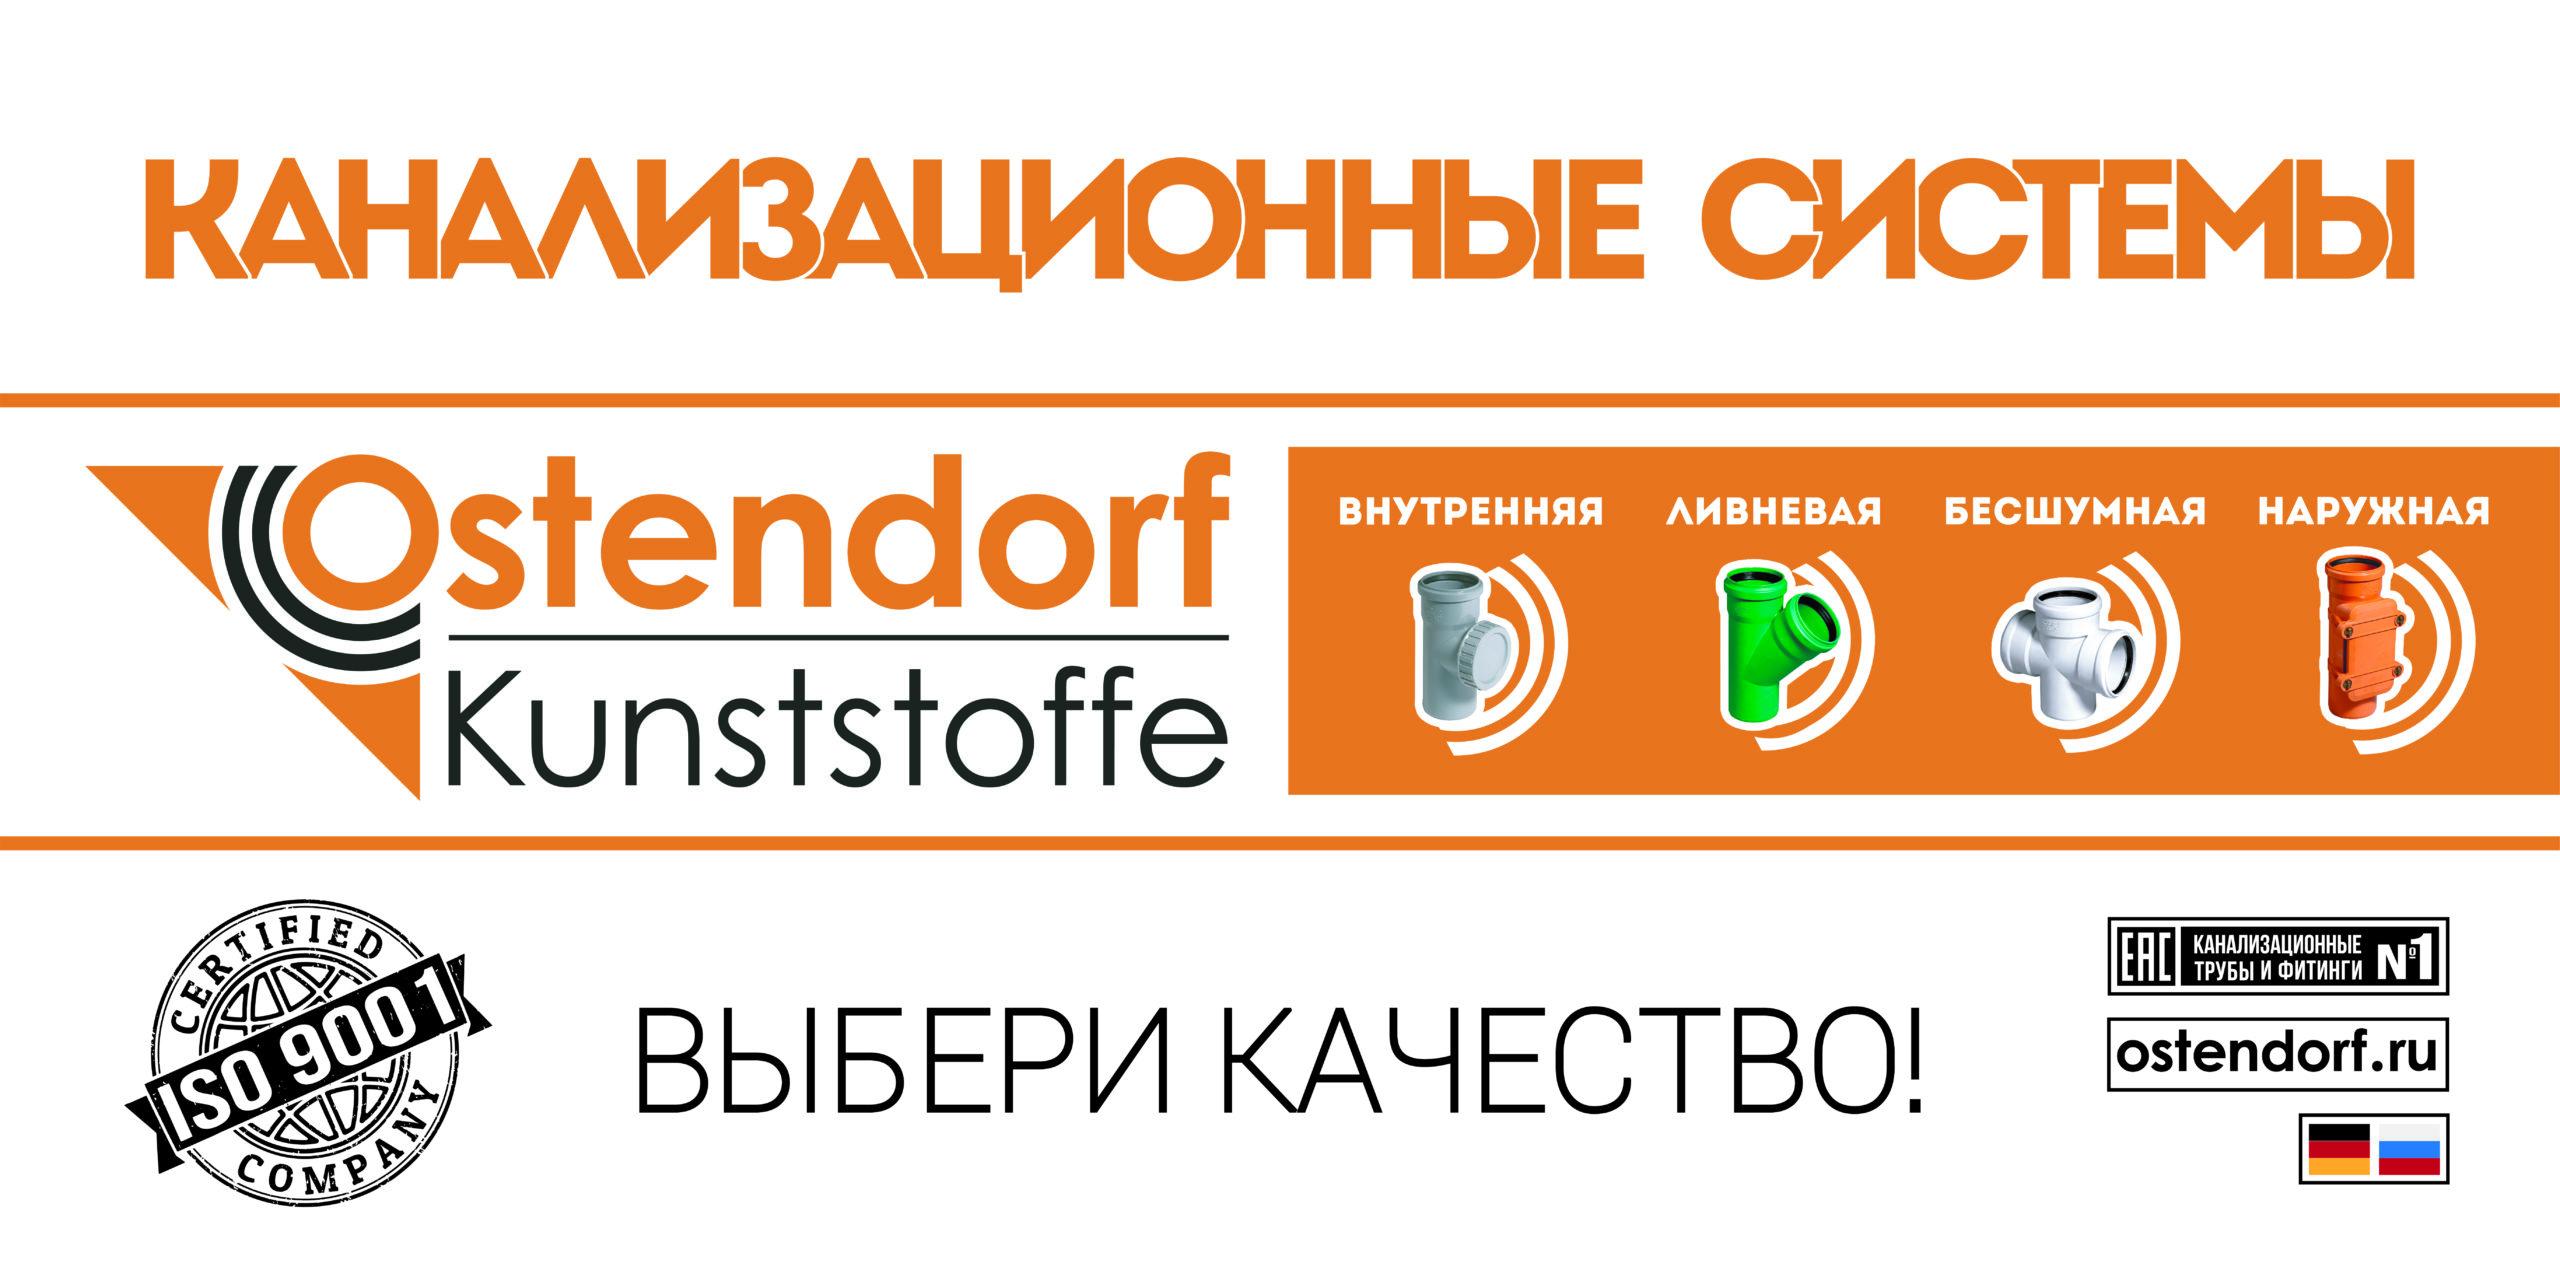 В магазине Альянс Трейд покупайте продукцию Ostendorf